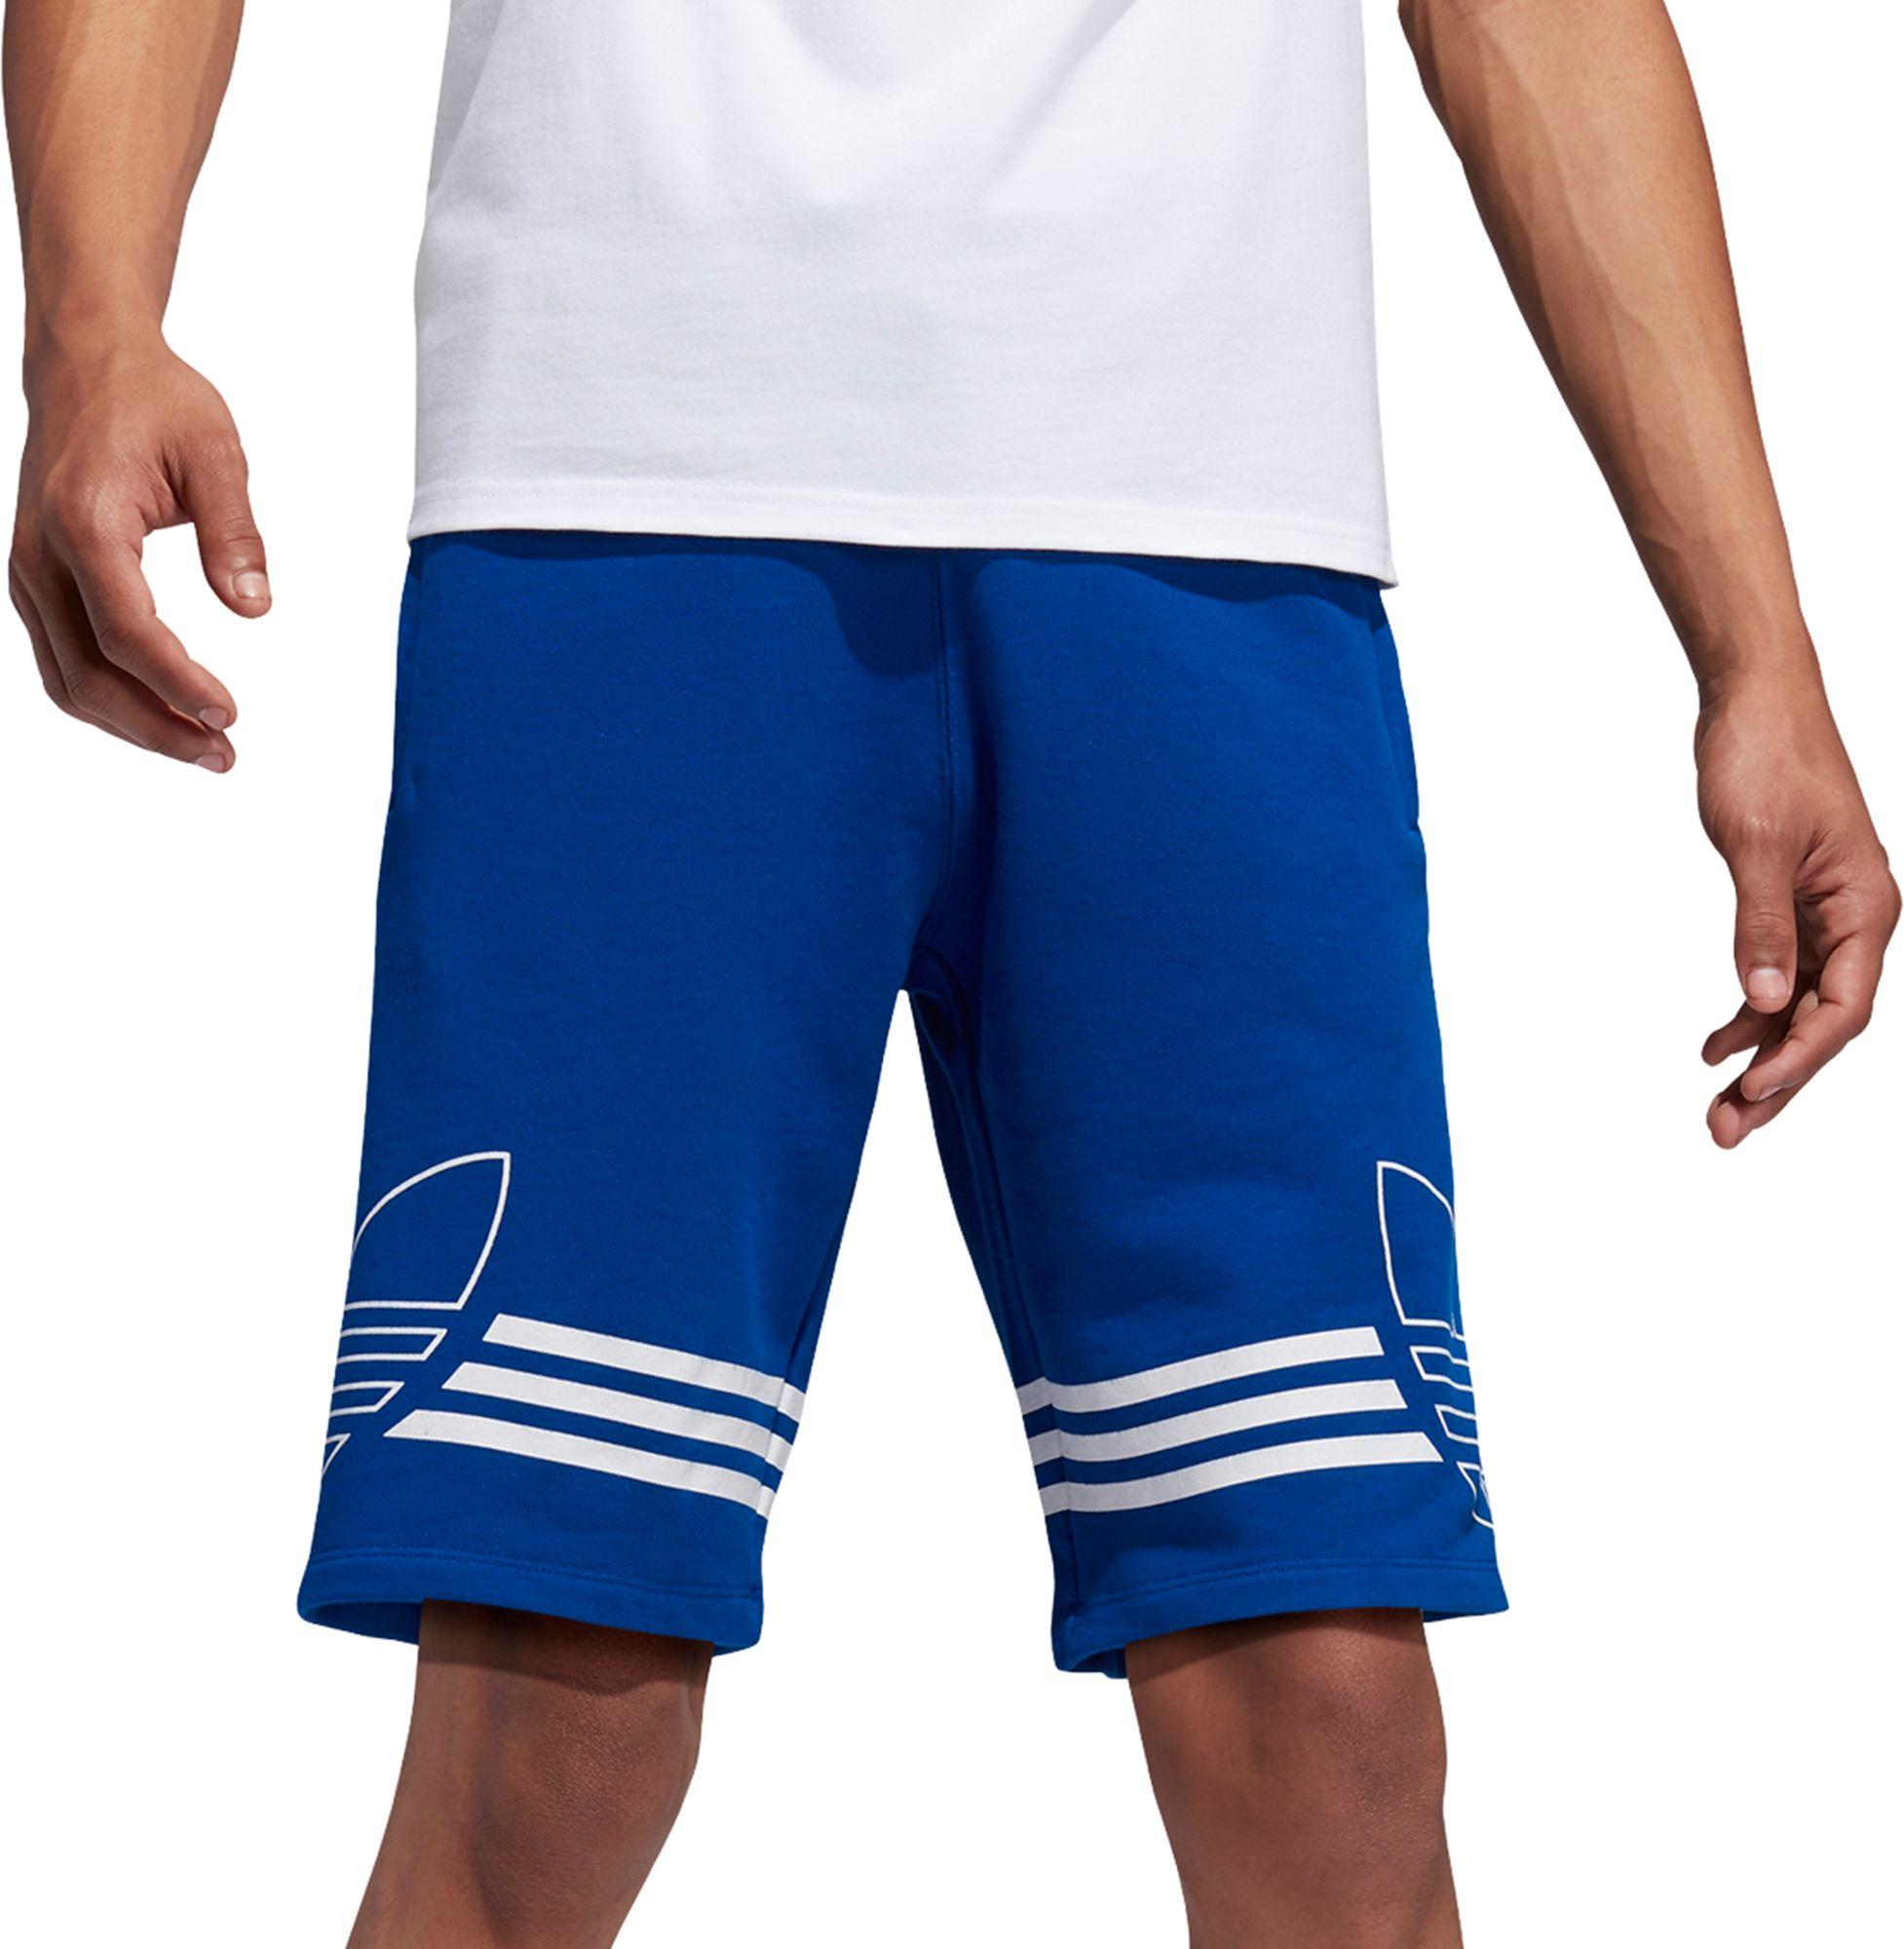 b3da0ee6ed80 adidas Originals Men's Outline Shorts